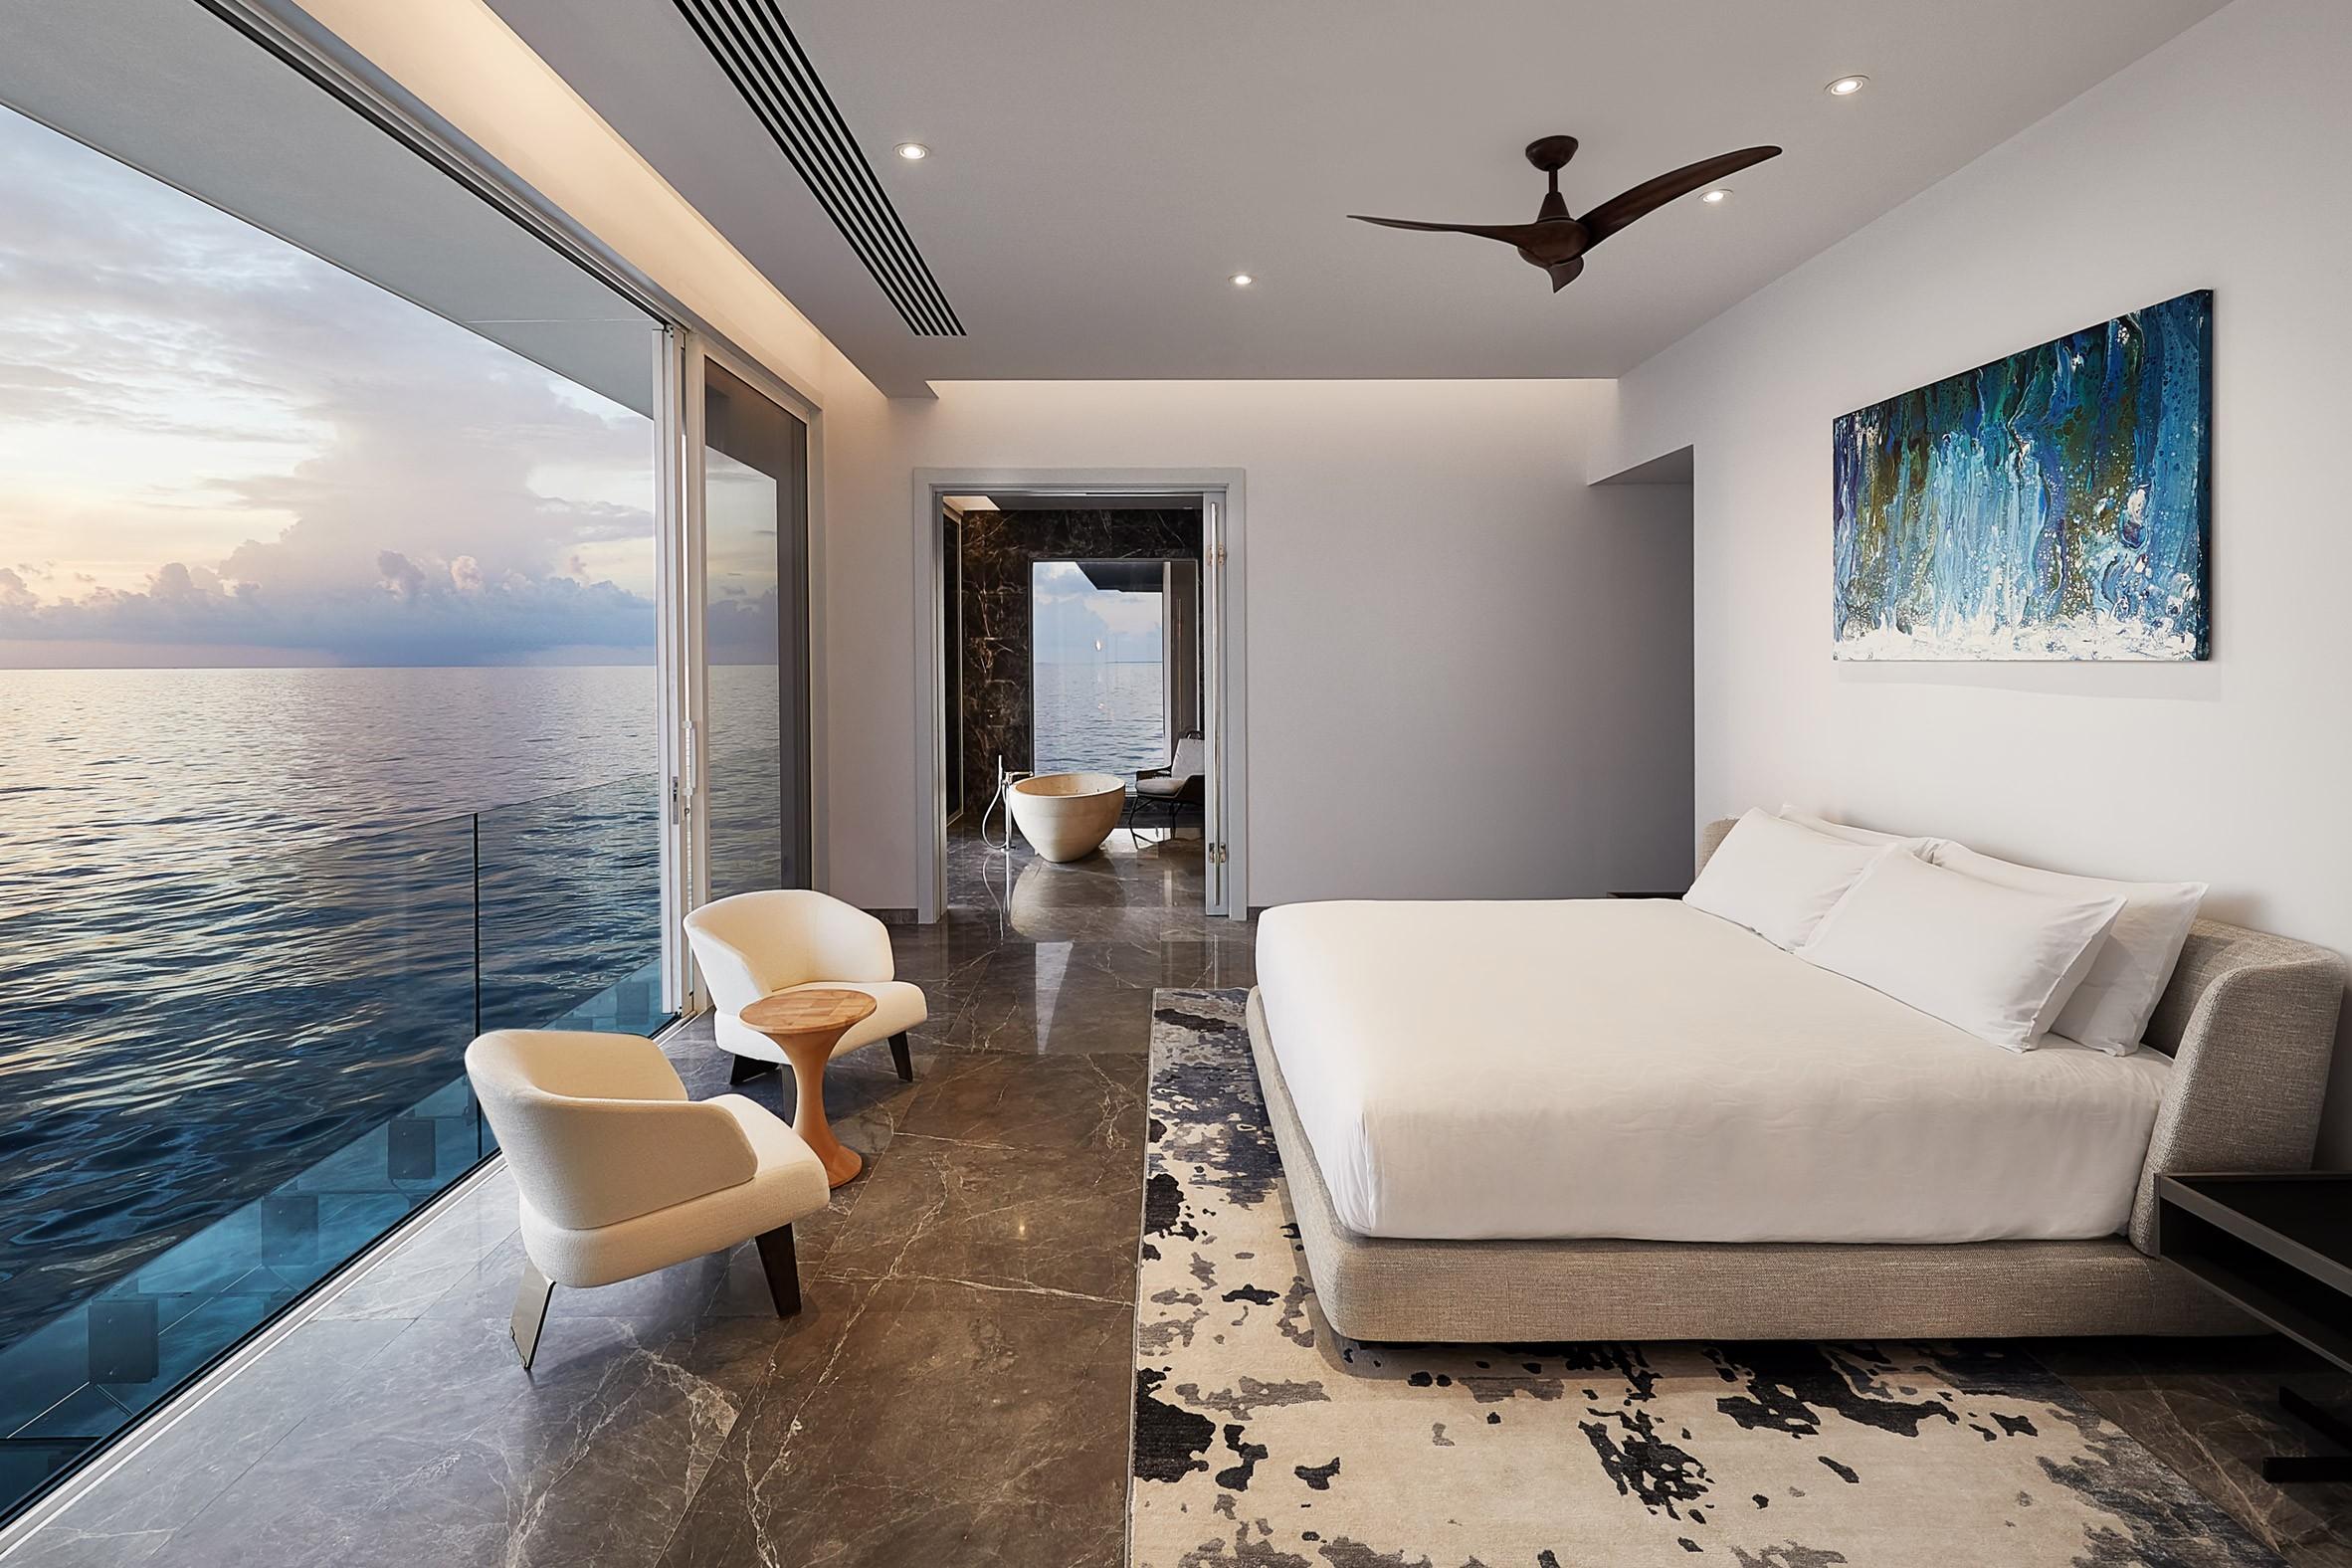 На Мальдивах построена вилла с подводной спальней. Это впечатляет!